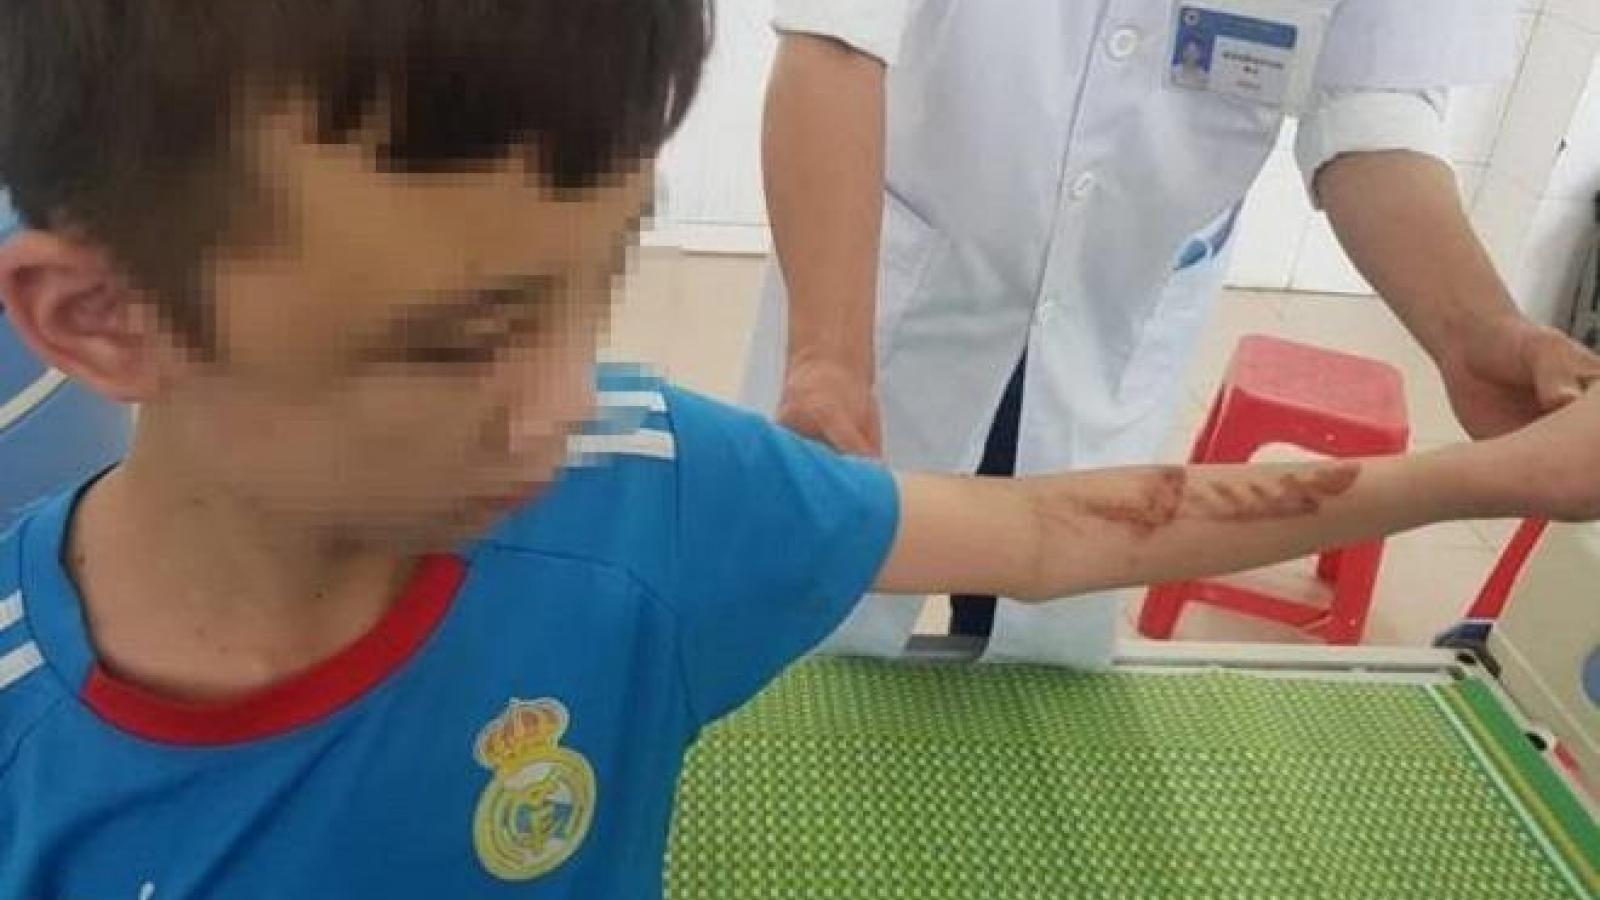 Bé trai bị tra tấn dã man ở Bắc Ninh còn là họ hàng với chủ quán bánh xèo